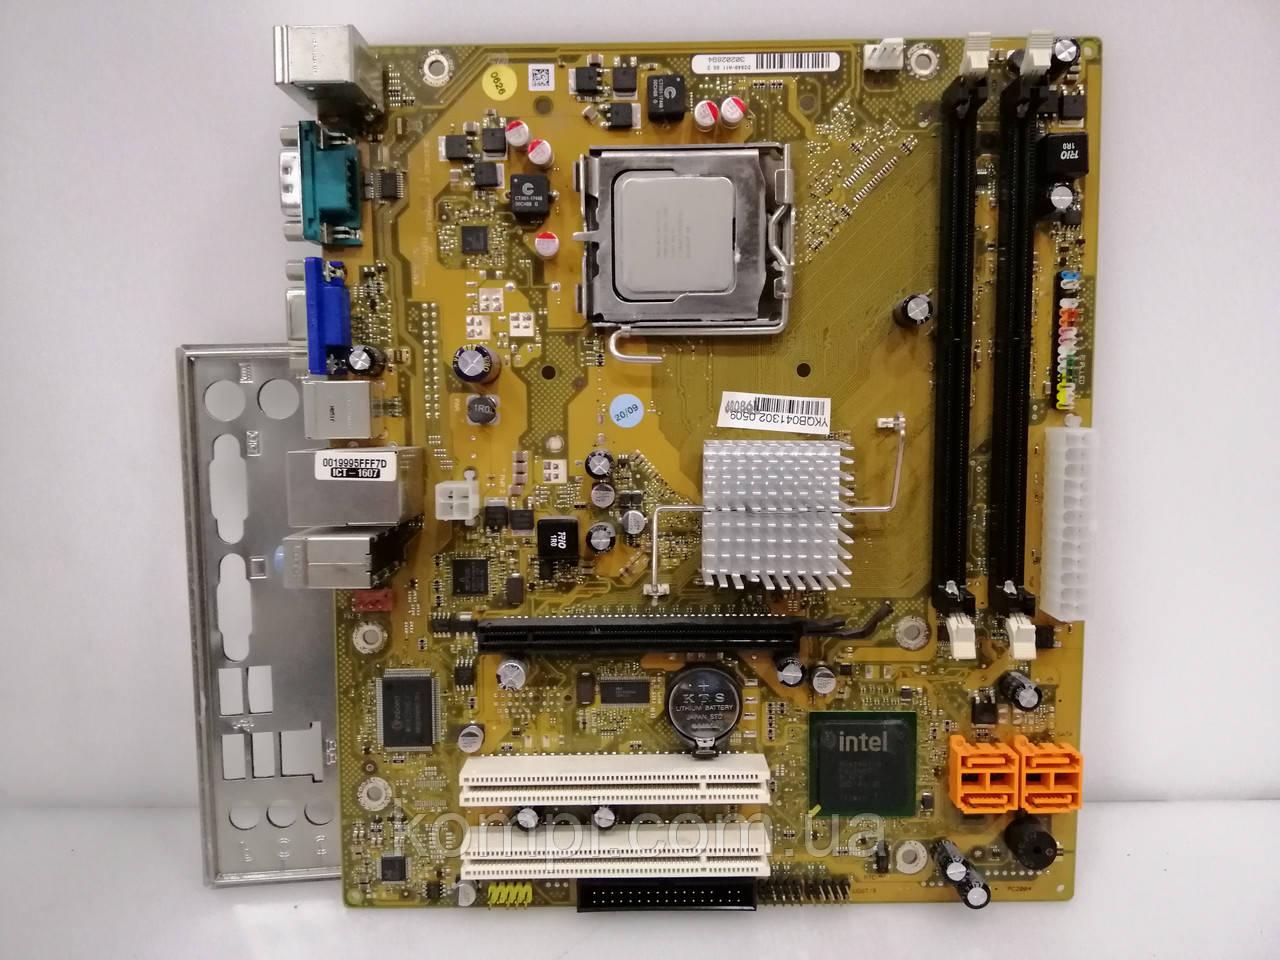 Материнская плата Fujitsu-Siemens D2840-A11 GS 2+E5200  S775/QUAD DDR2